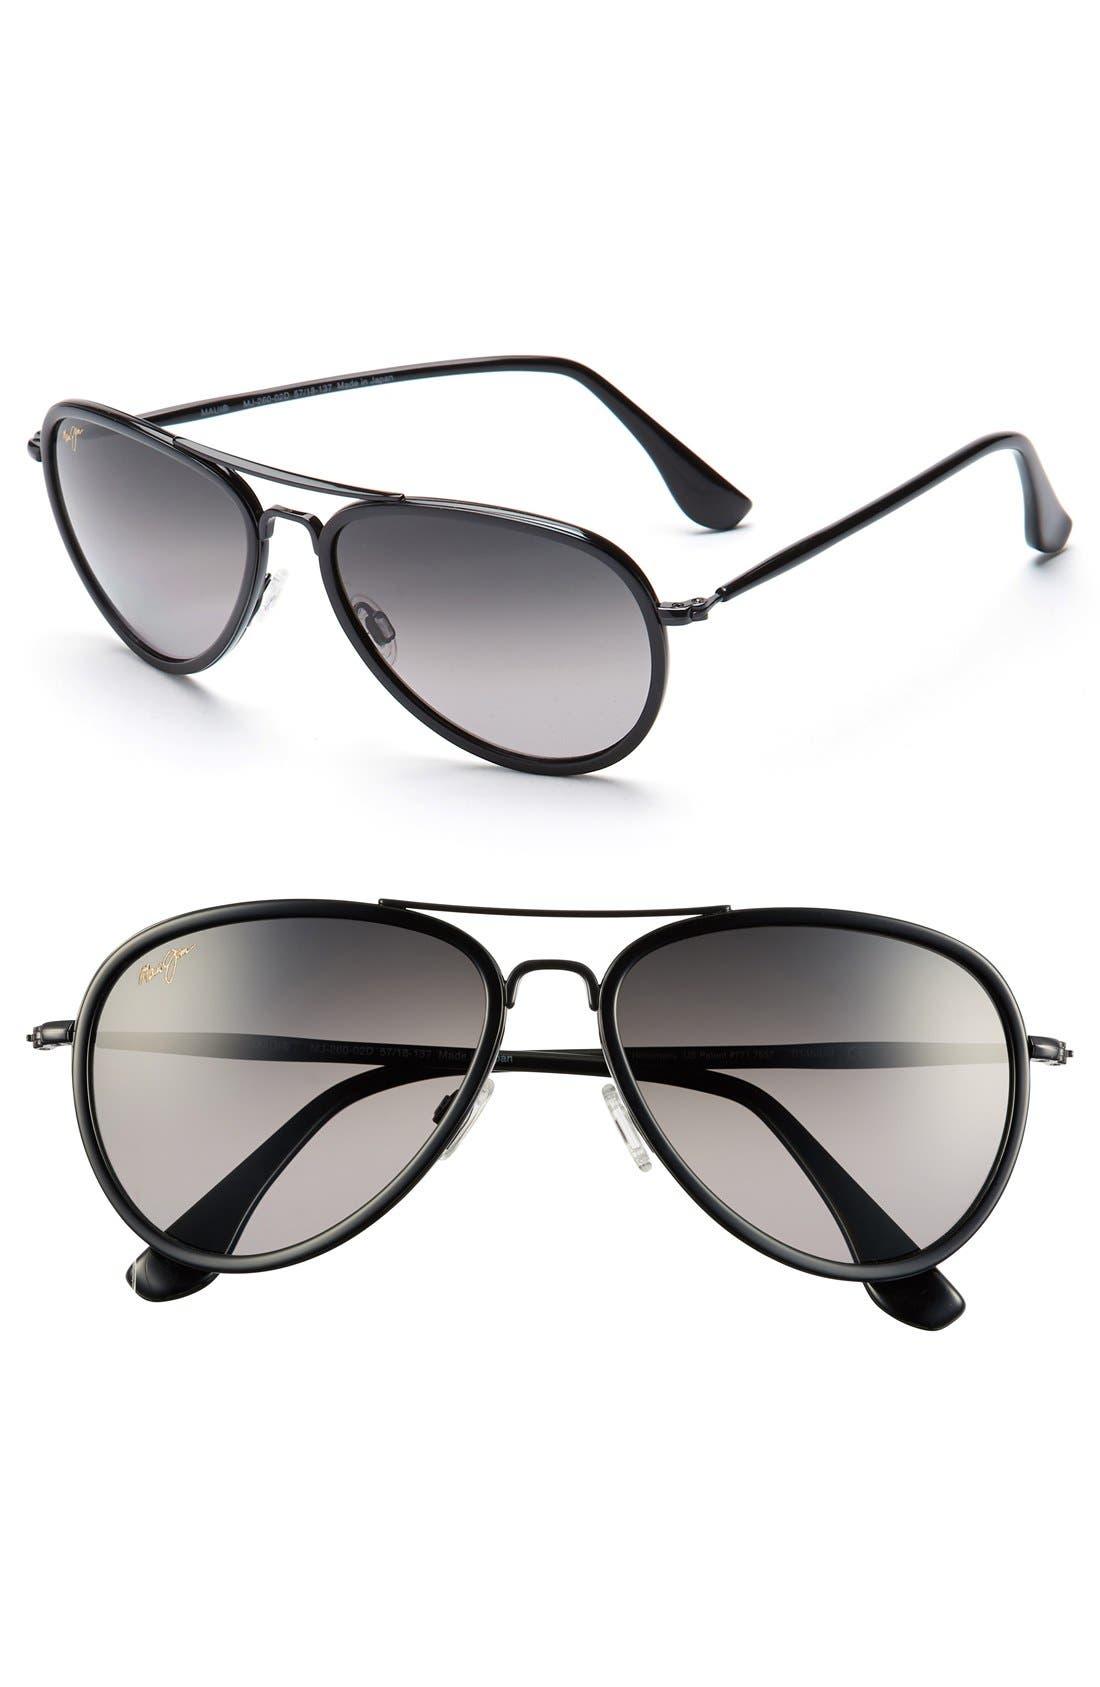 Main Image - Maui Jim 'Honomanu' 57mm PolarizedPlus®2 Sunglasses